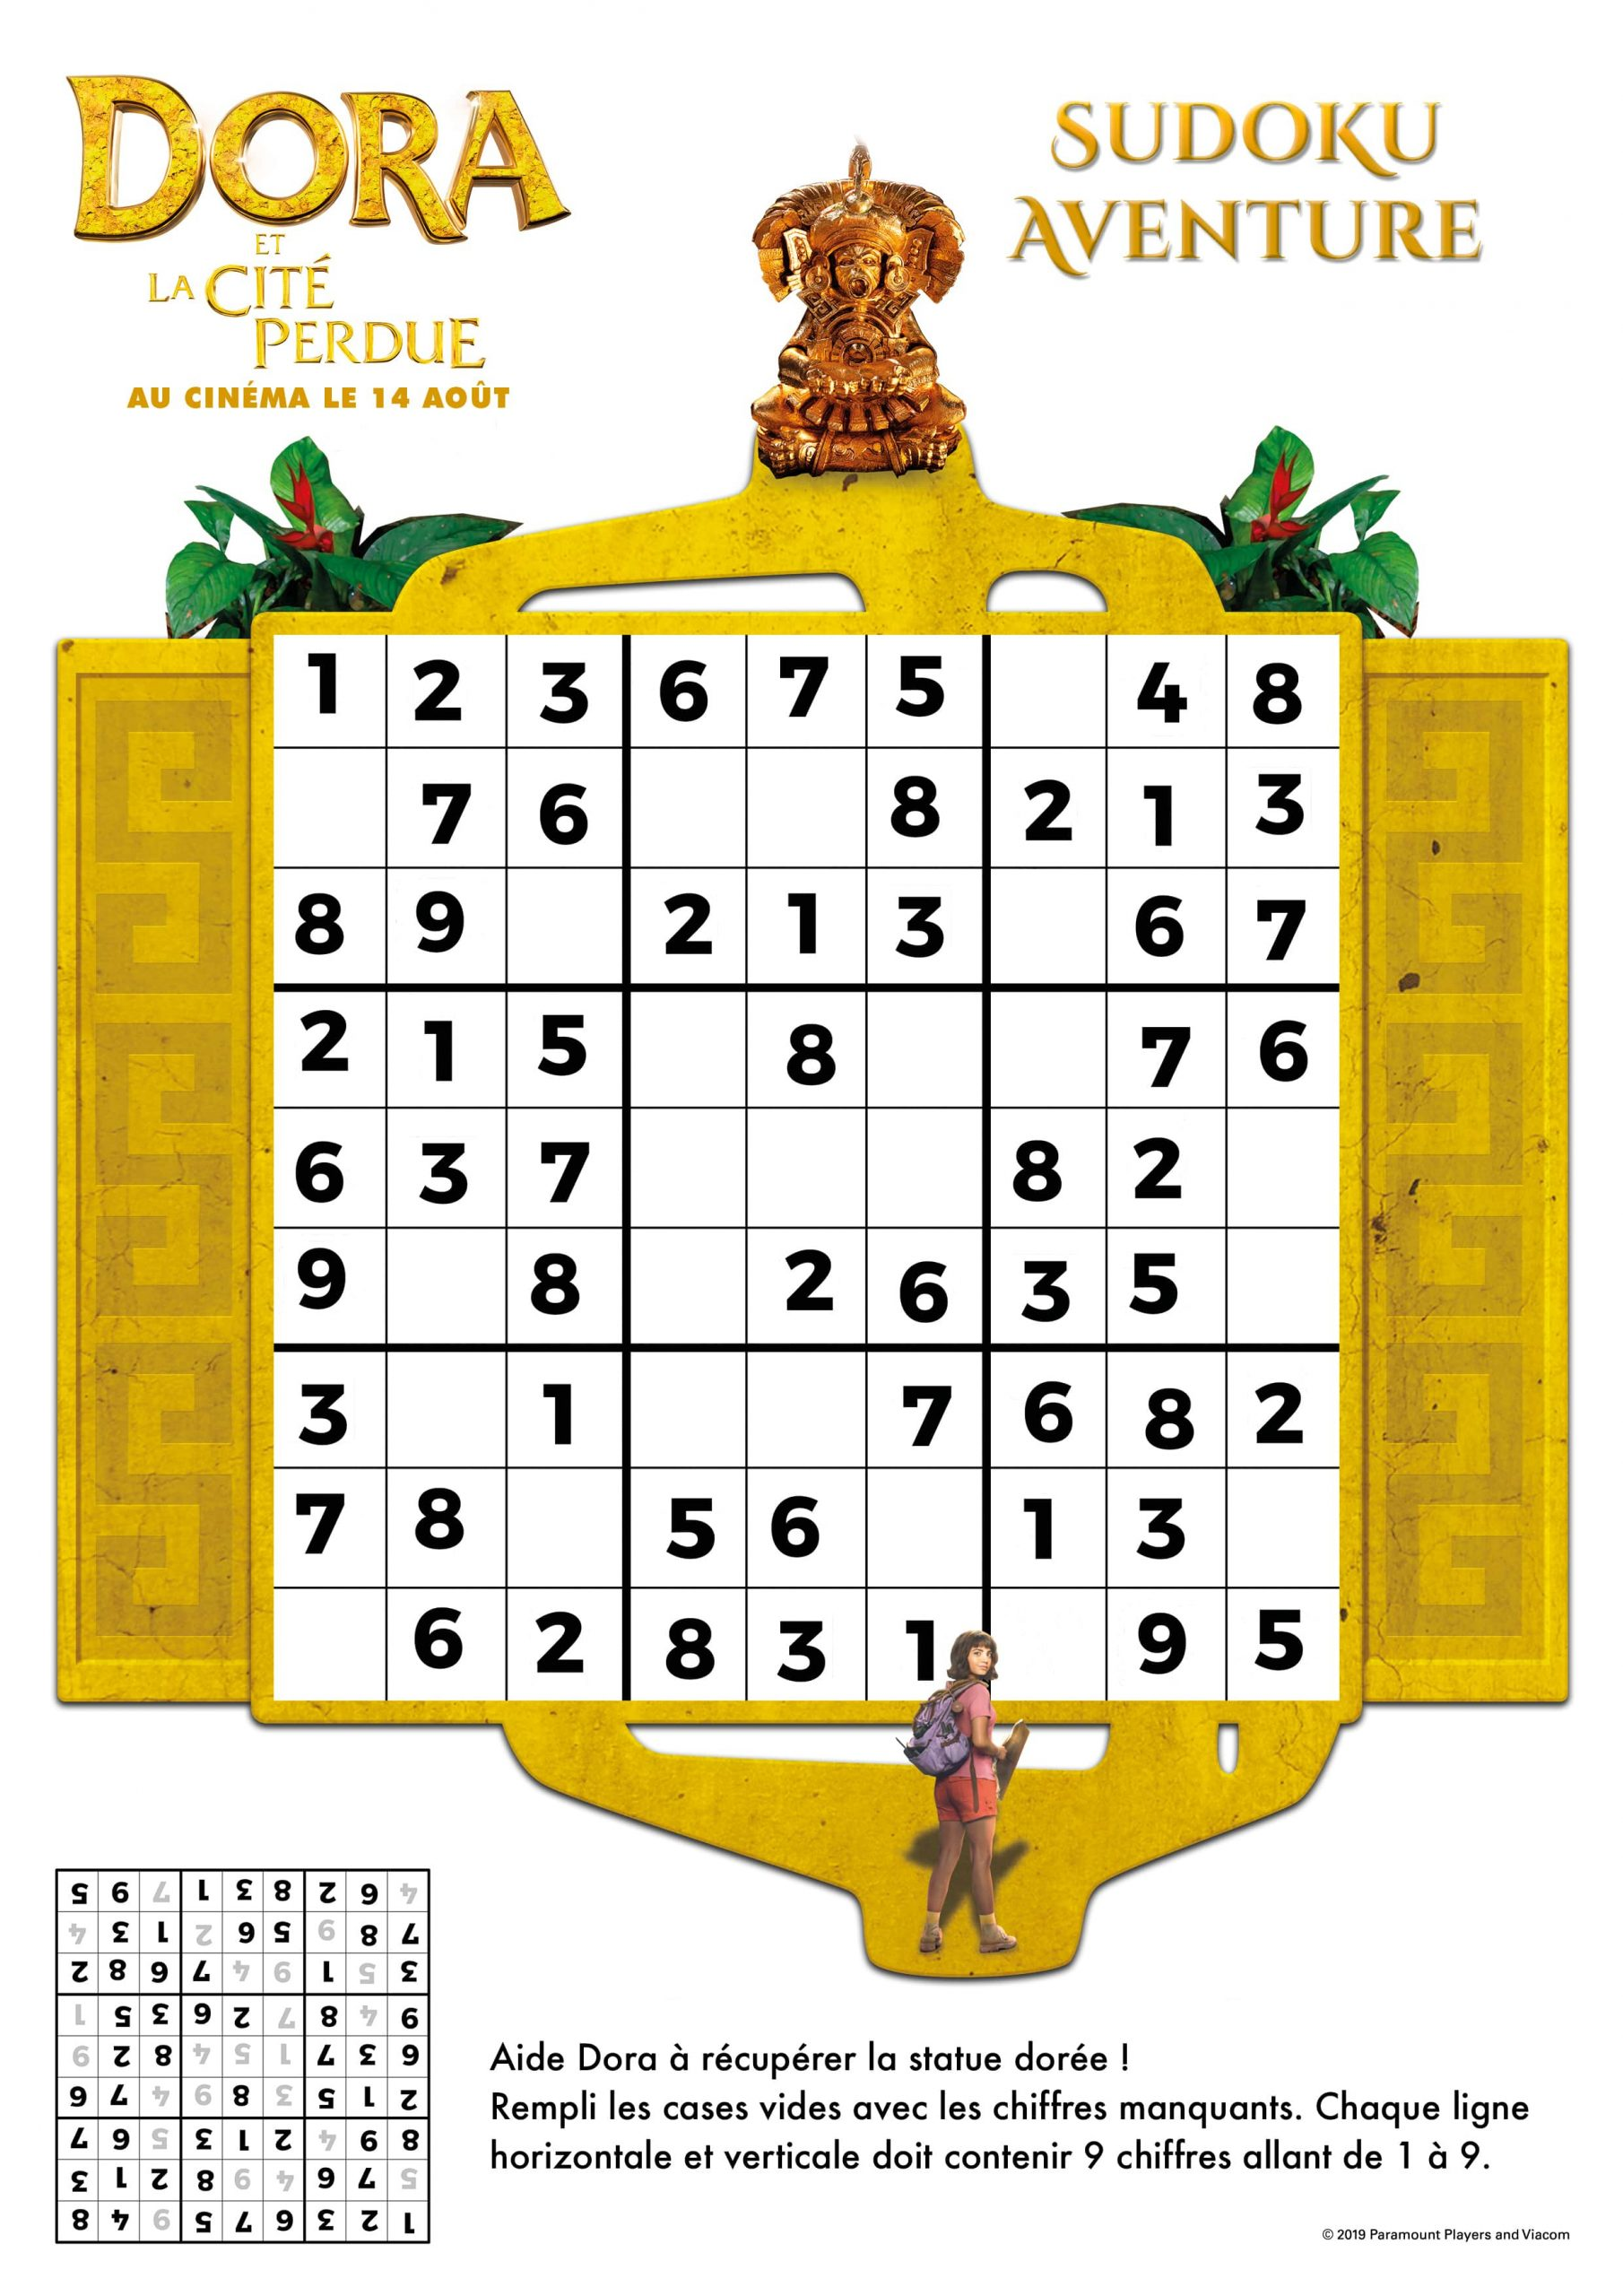 Jeux De Sudoku Dora Et La Cite Perdue N°2 - Fr.hellokids pour Sudoku A Imprimer